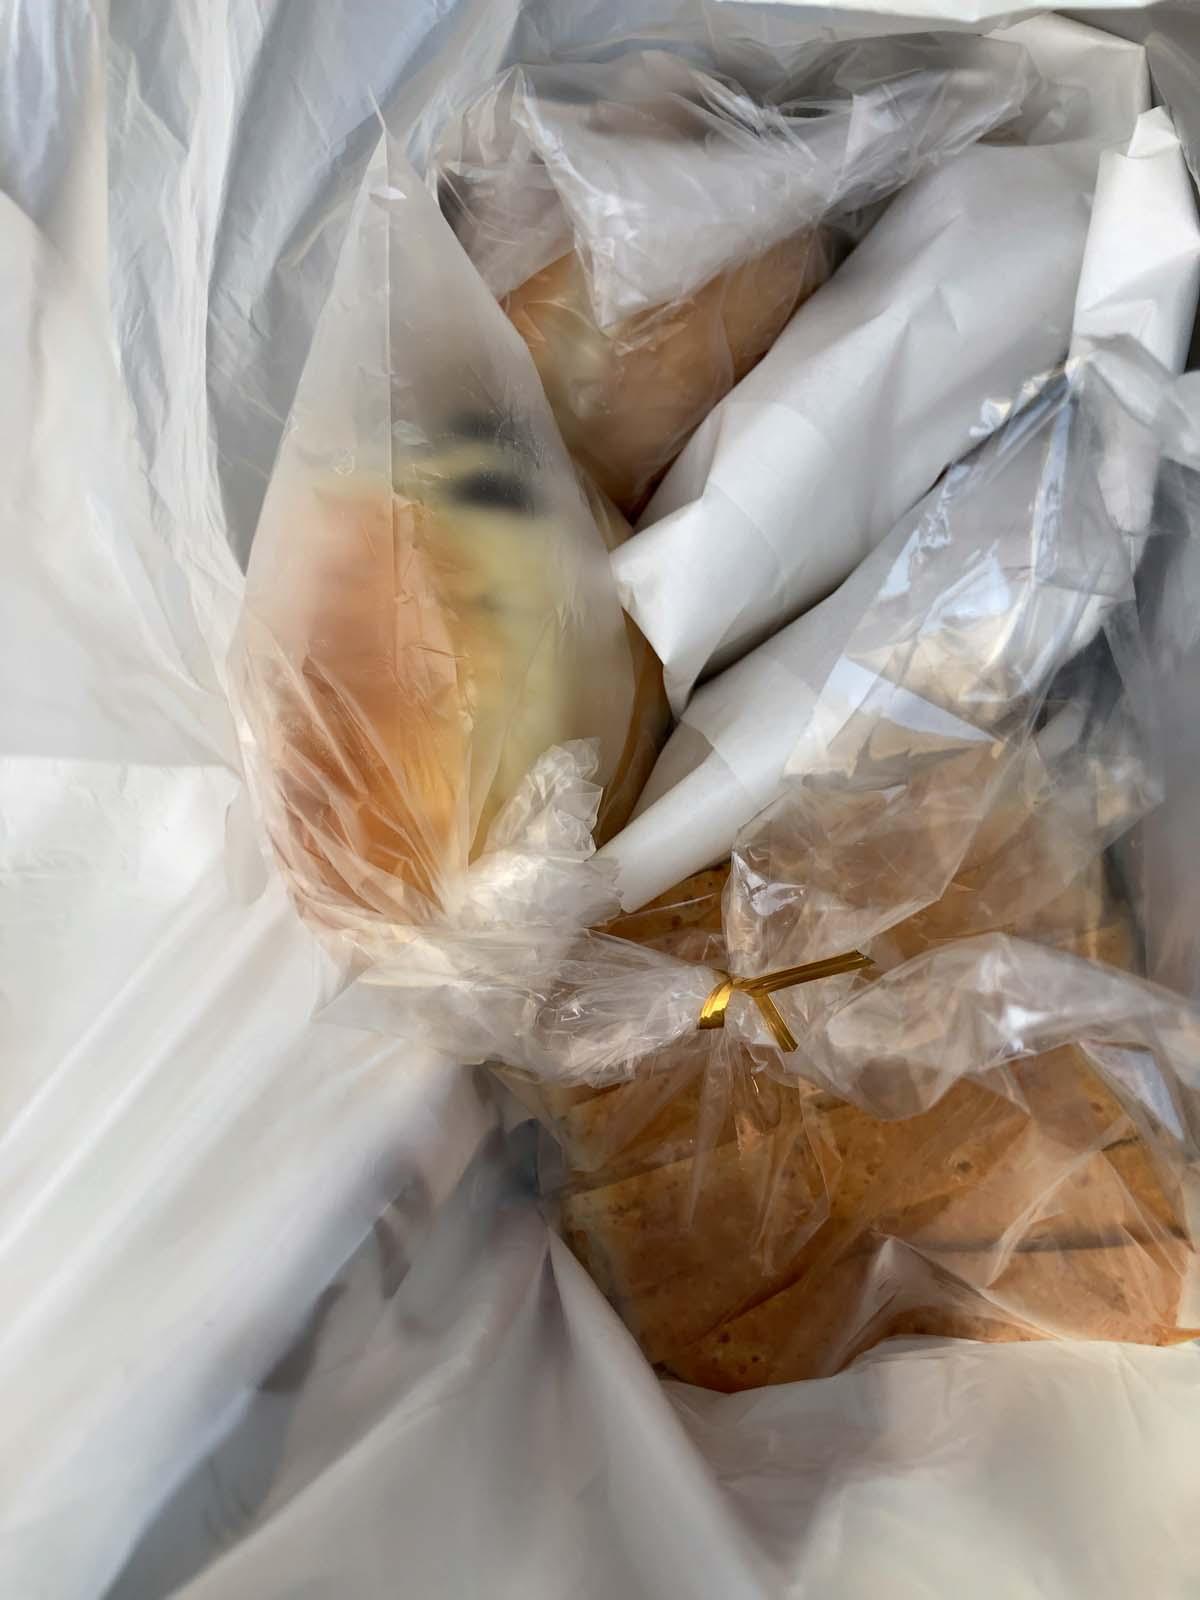 パンによって生地の風味が違います。美味しそうだったのでたくさん買っちゃいました。